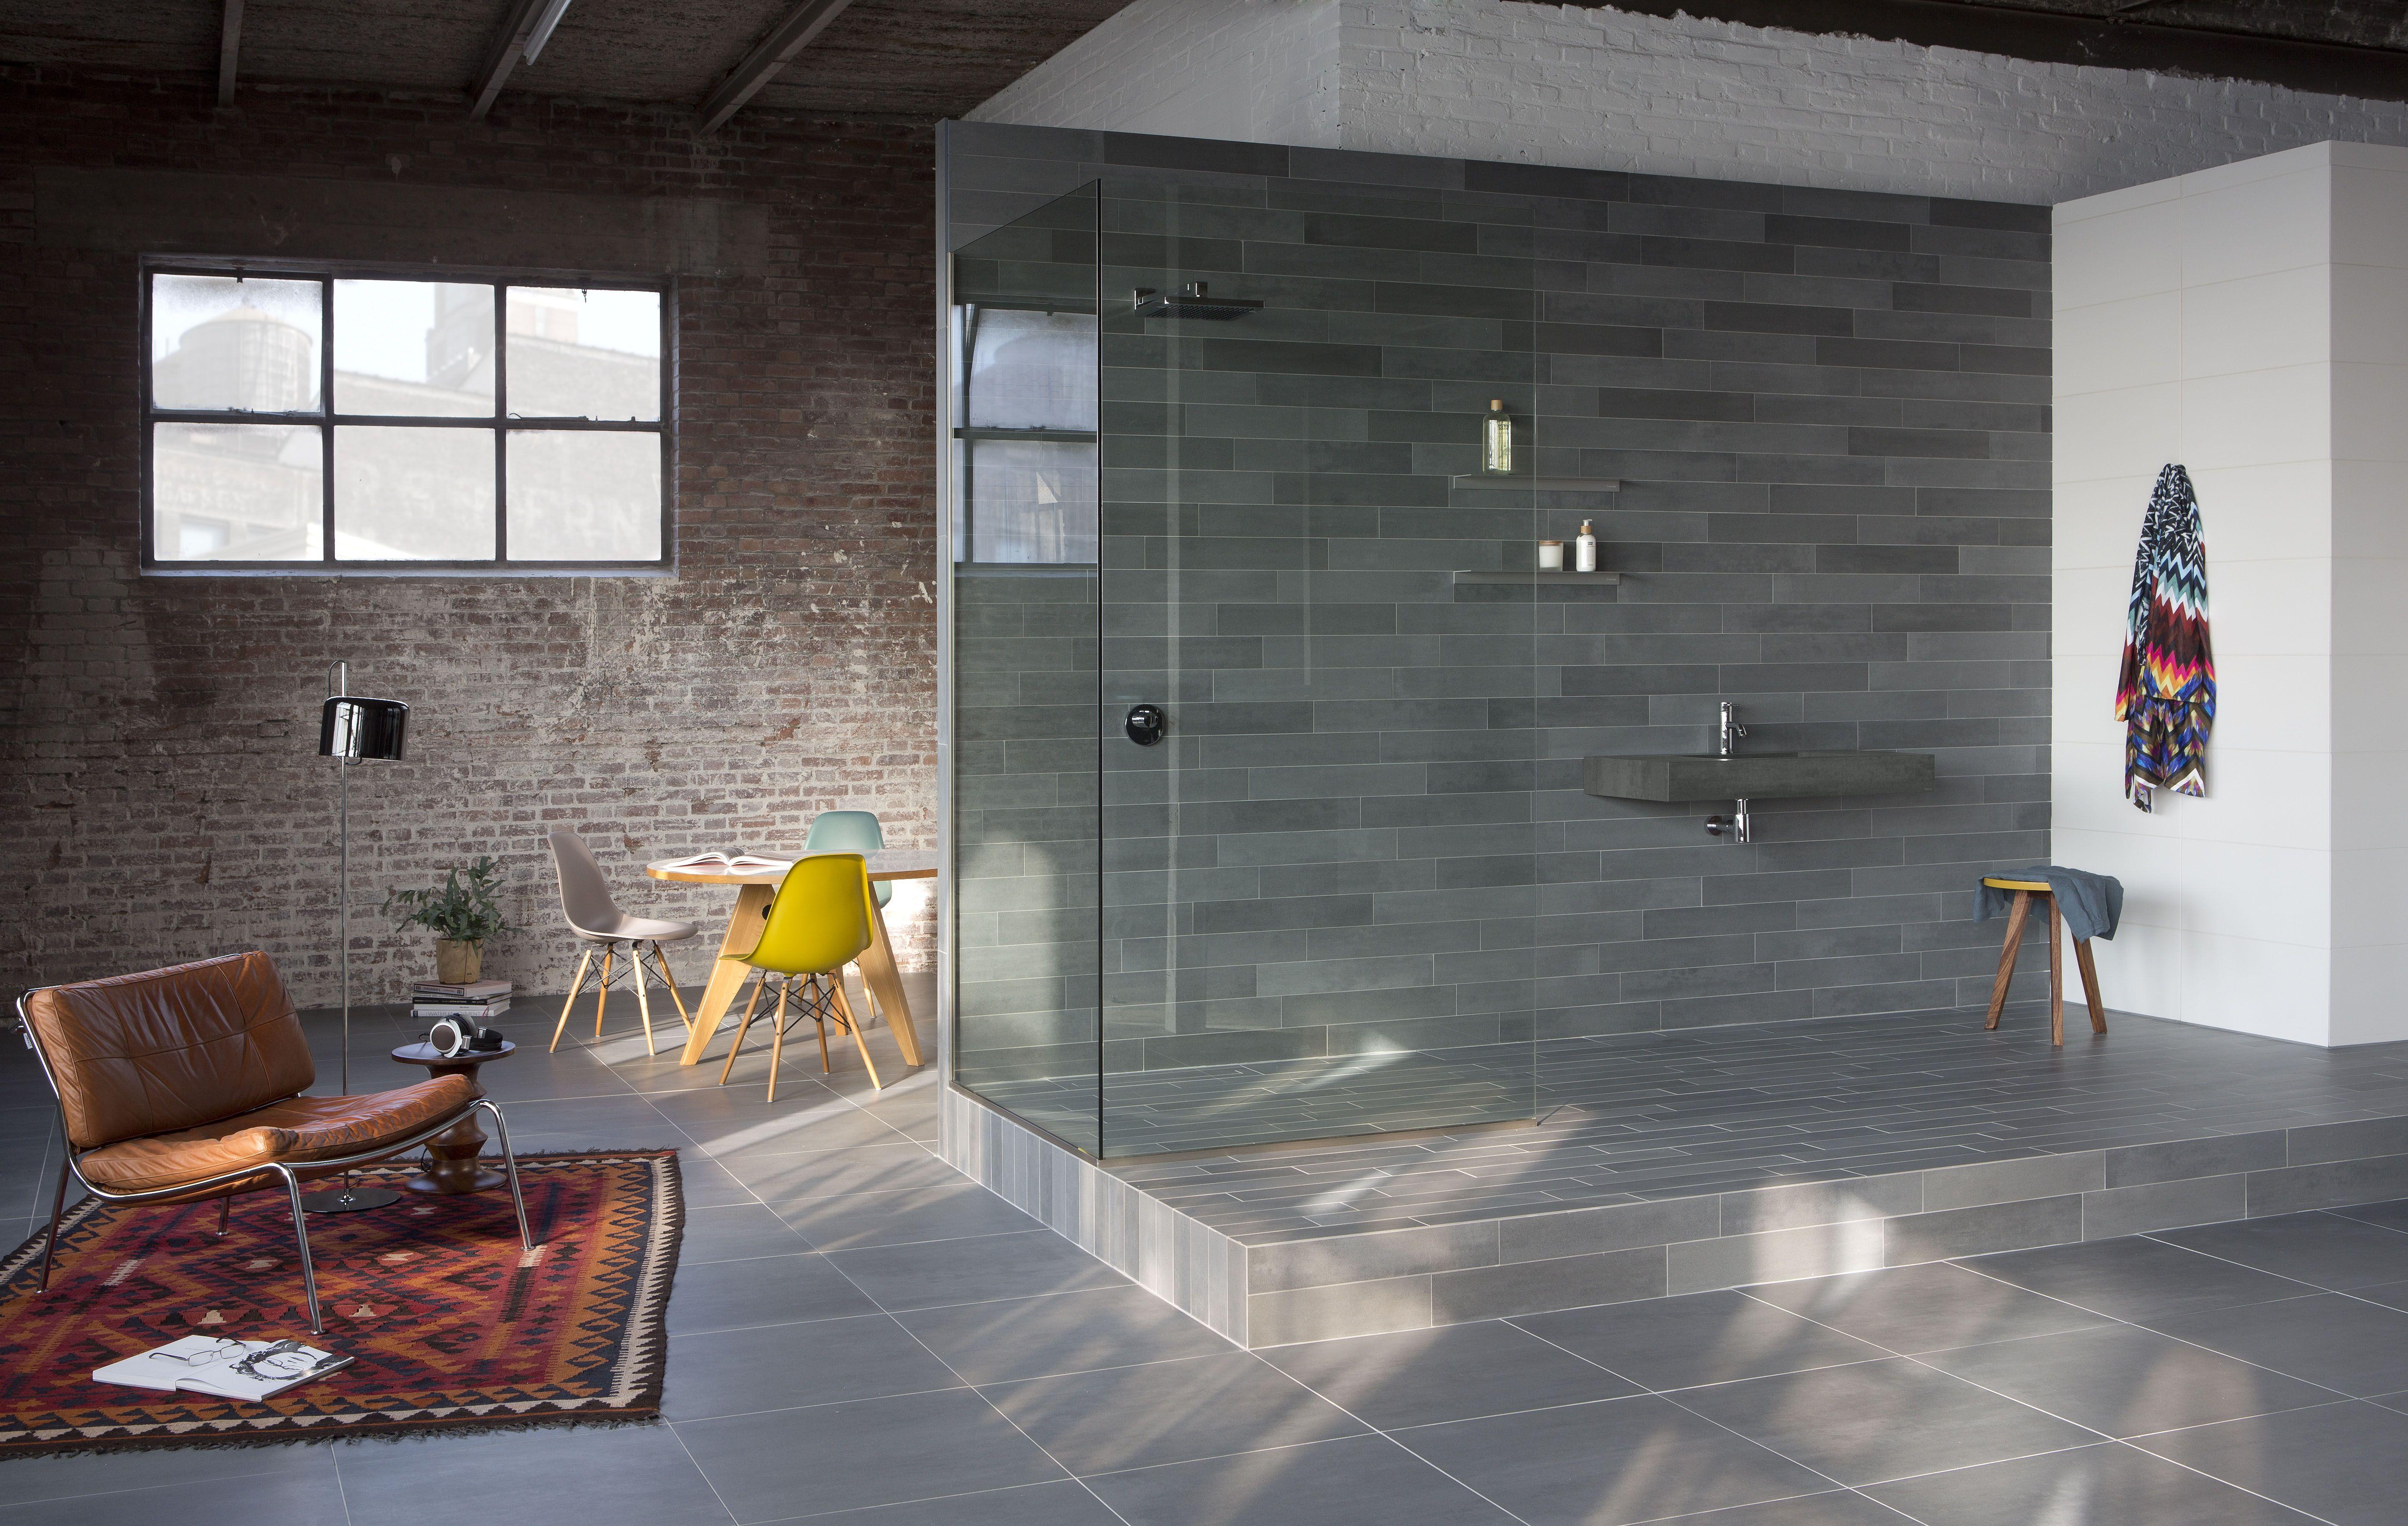 Badkamertegels van mosa opgebouwd uit tegels in drie verschillende tinten grijsgroen van - Kleur modern toilet ...